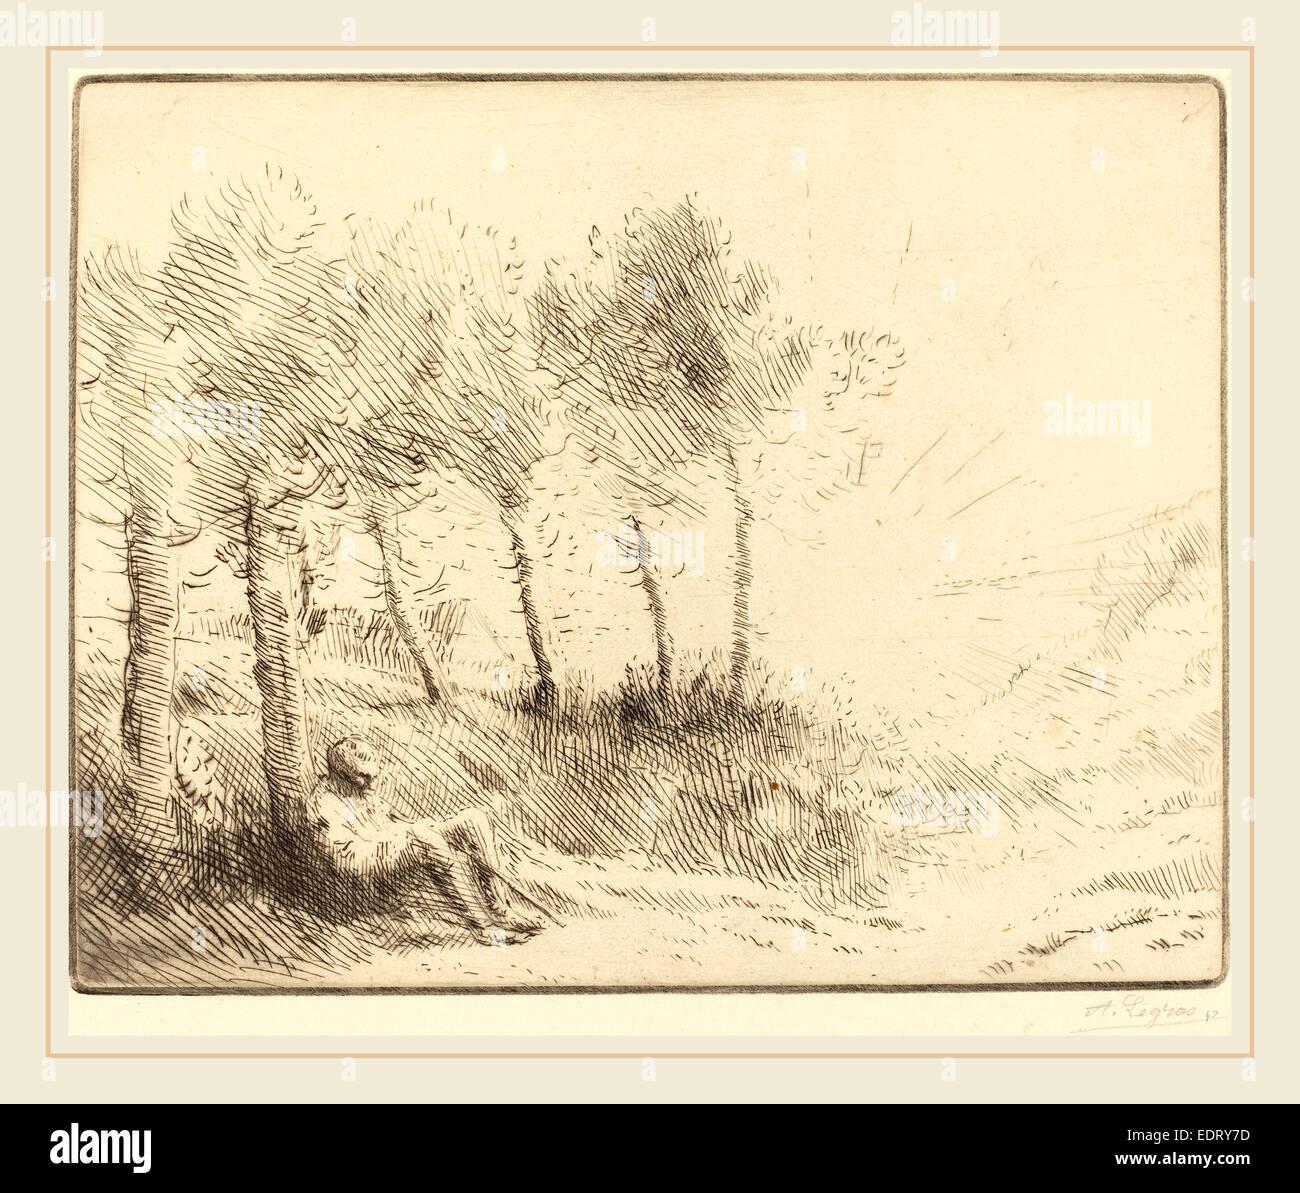 Alphonse Legros, Landscape (Paysage), French, 1837-1911, etching - Stock Image